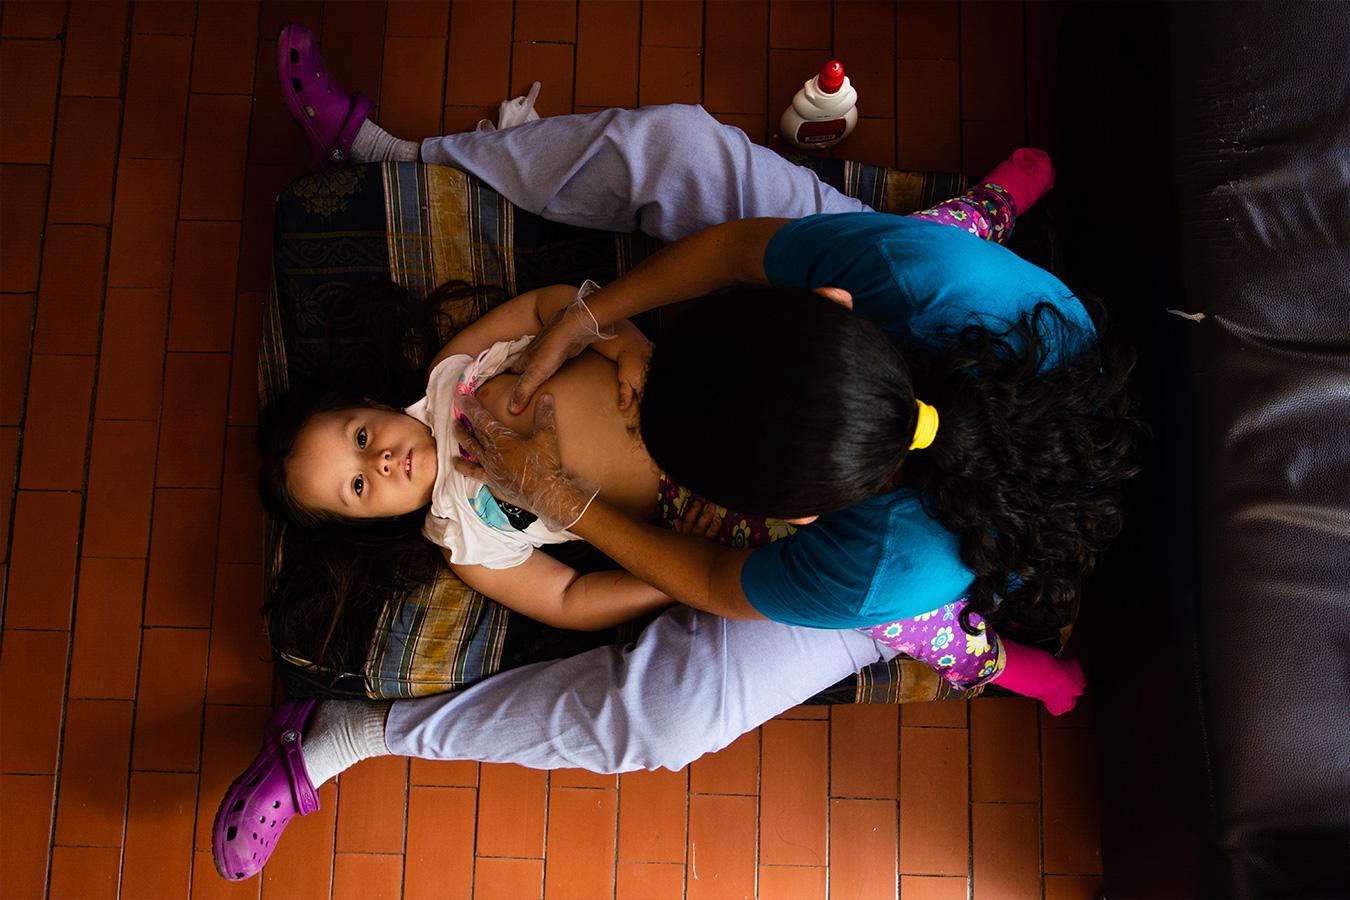 Ser niña y vivir con una enfermedad huérfana: la lucha diaria de Taliana